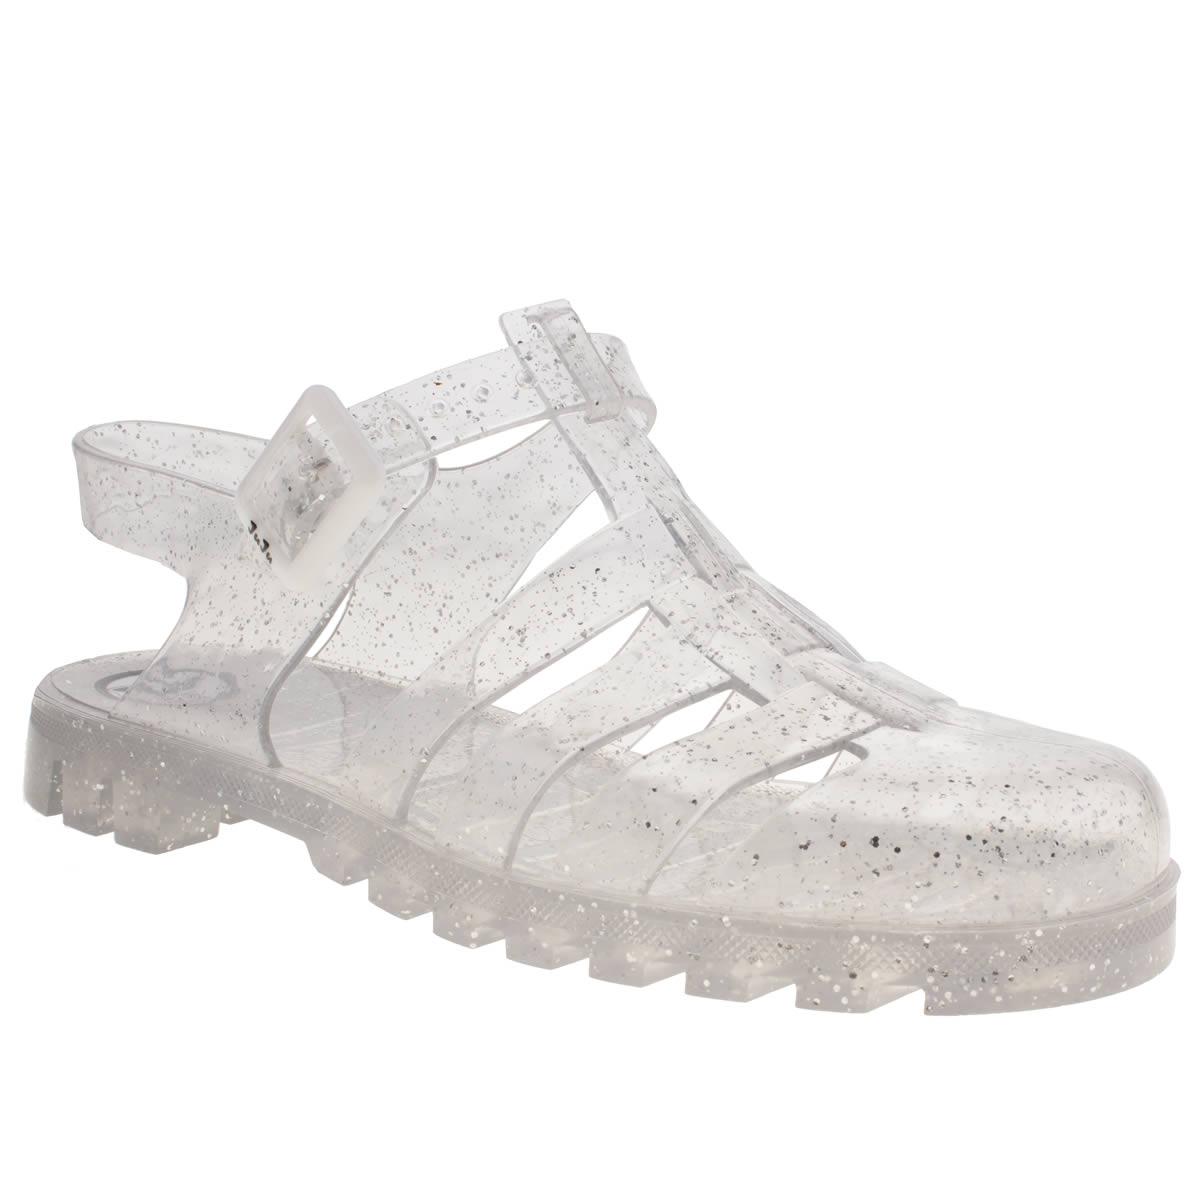 juju jellies Juju Jellies Silver Maxi Sandals